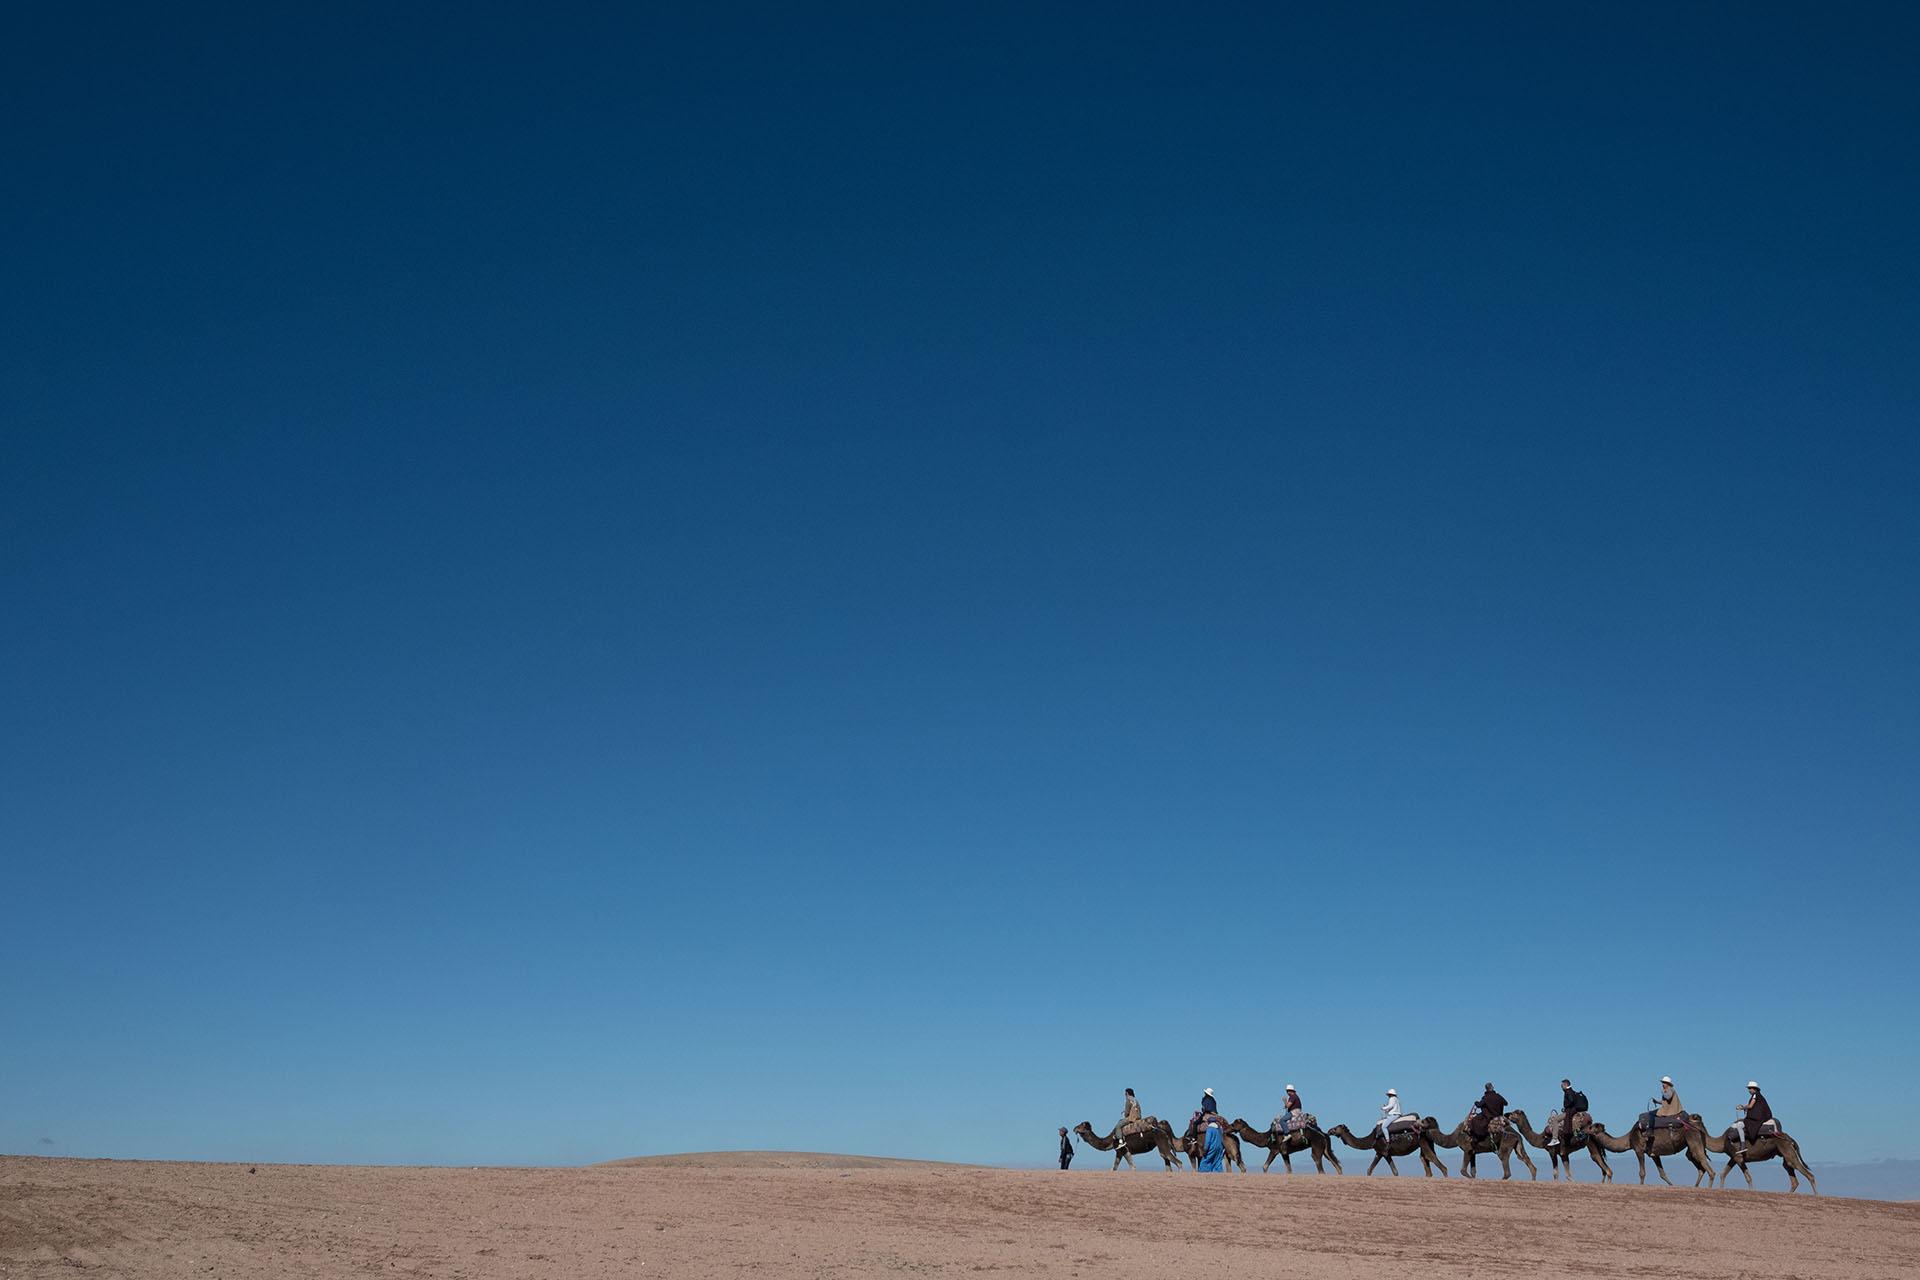 Los invitados disfrutaron de una travesía por el desierto de Agafay a bordo de camellos